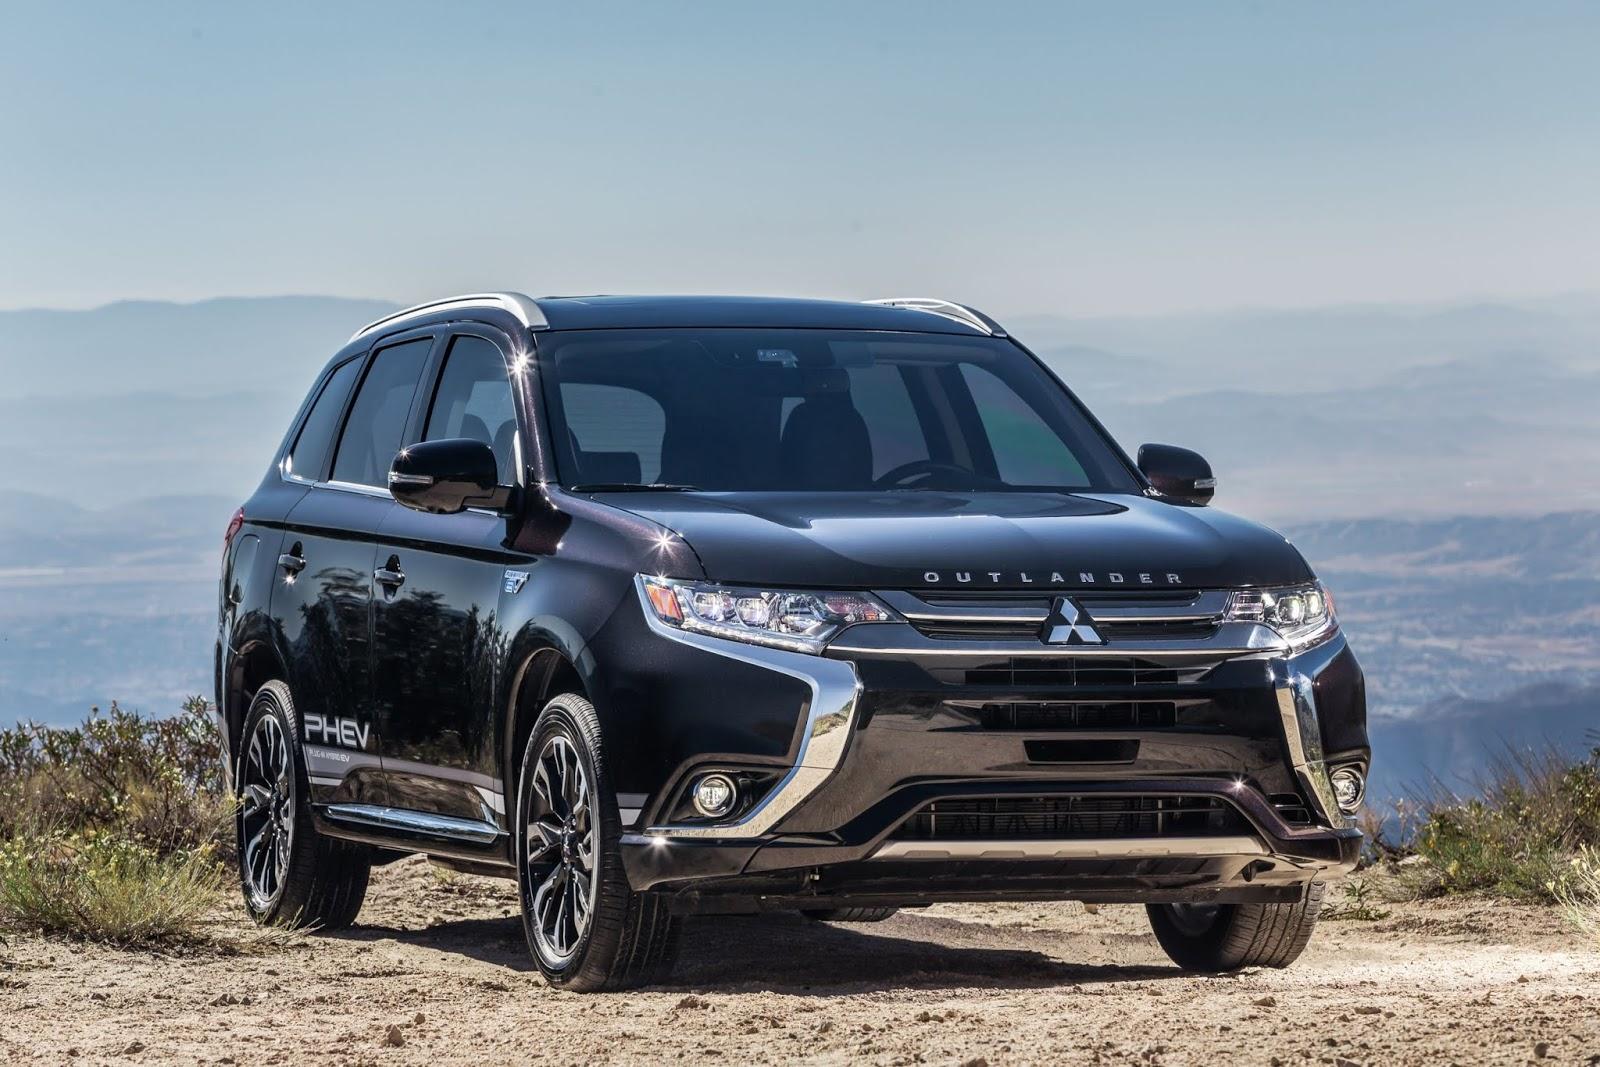 Το Mitsubishi Outlander PHEV αναδείχτηκε «Πράσινο SUV της χρονιάς» στο θεσμό των βραβείων Green Car Journal για το 2019